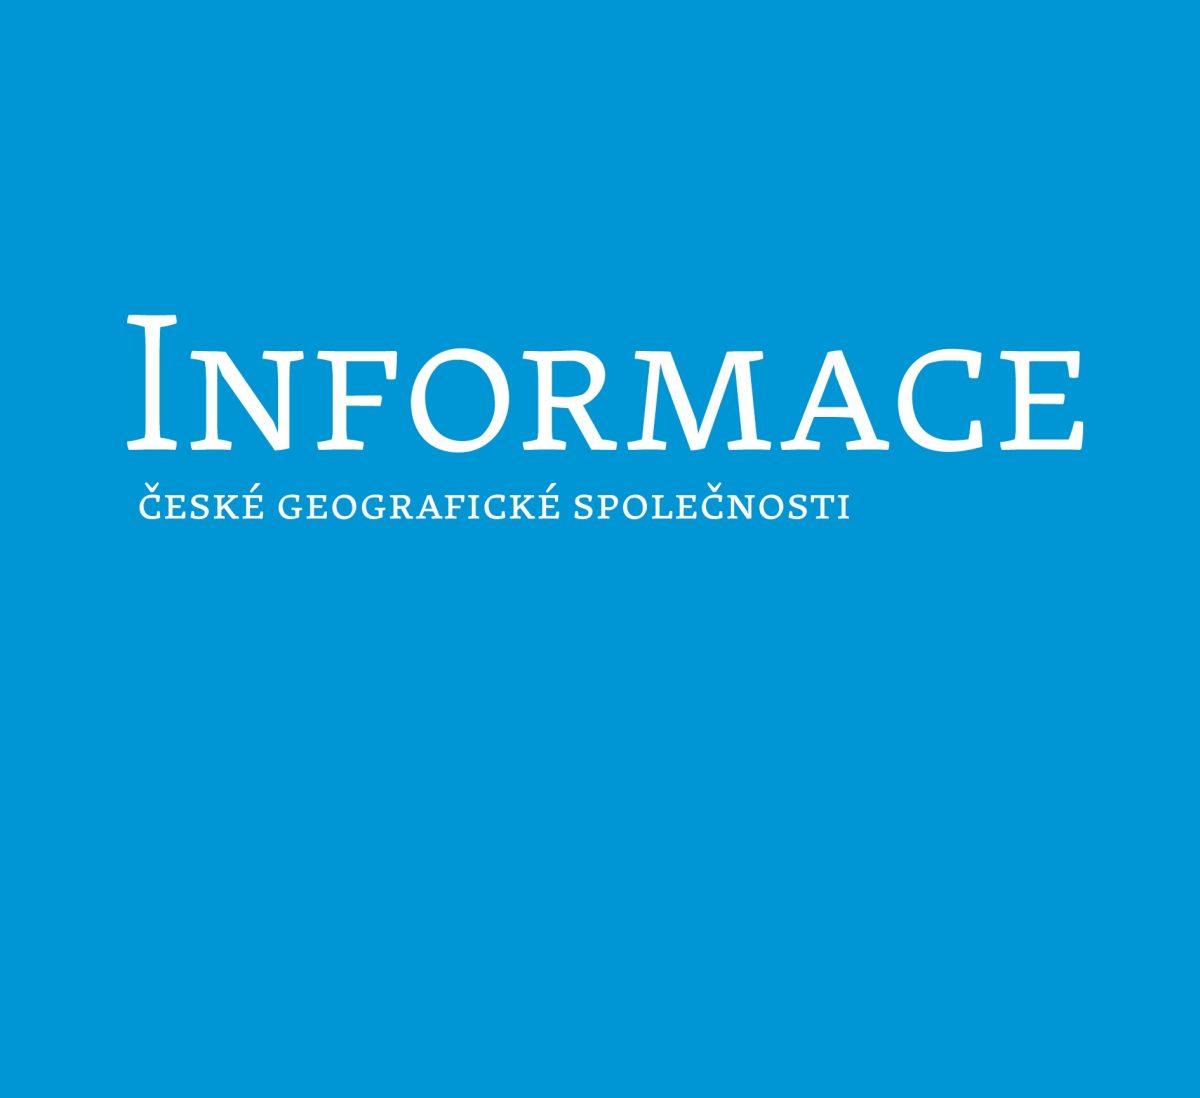 Vyšlo nové číslo časopisu Informace České geografické společnosti